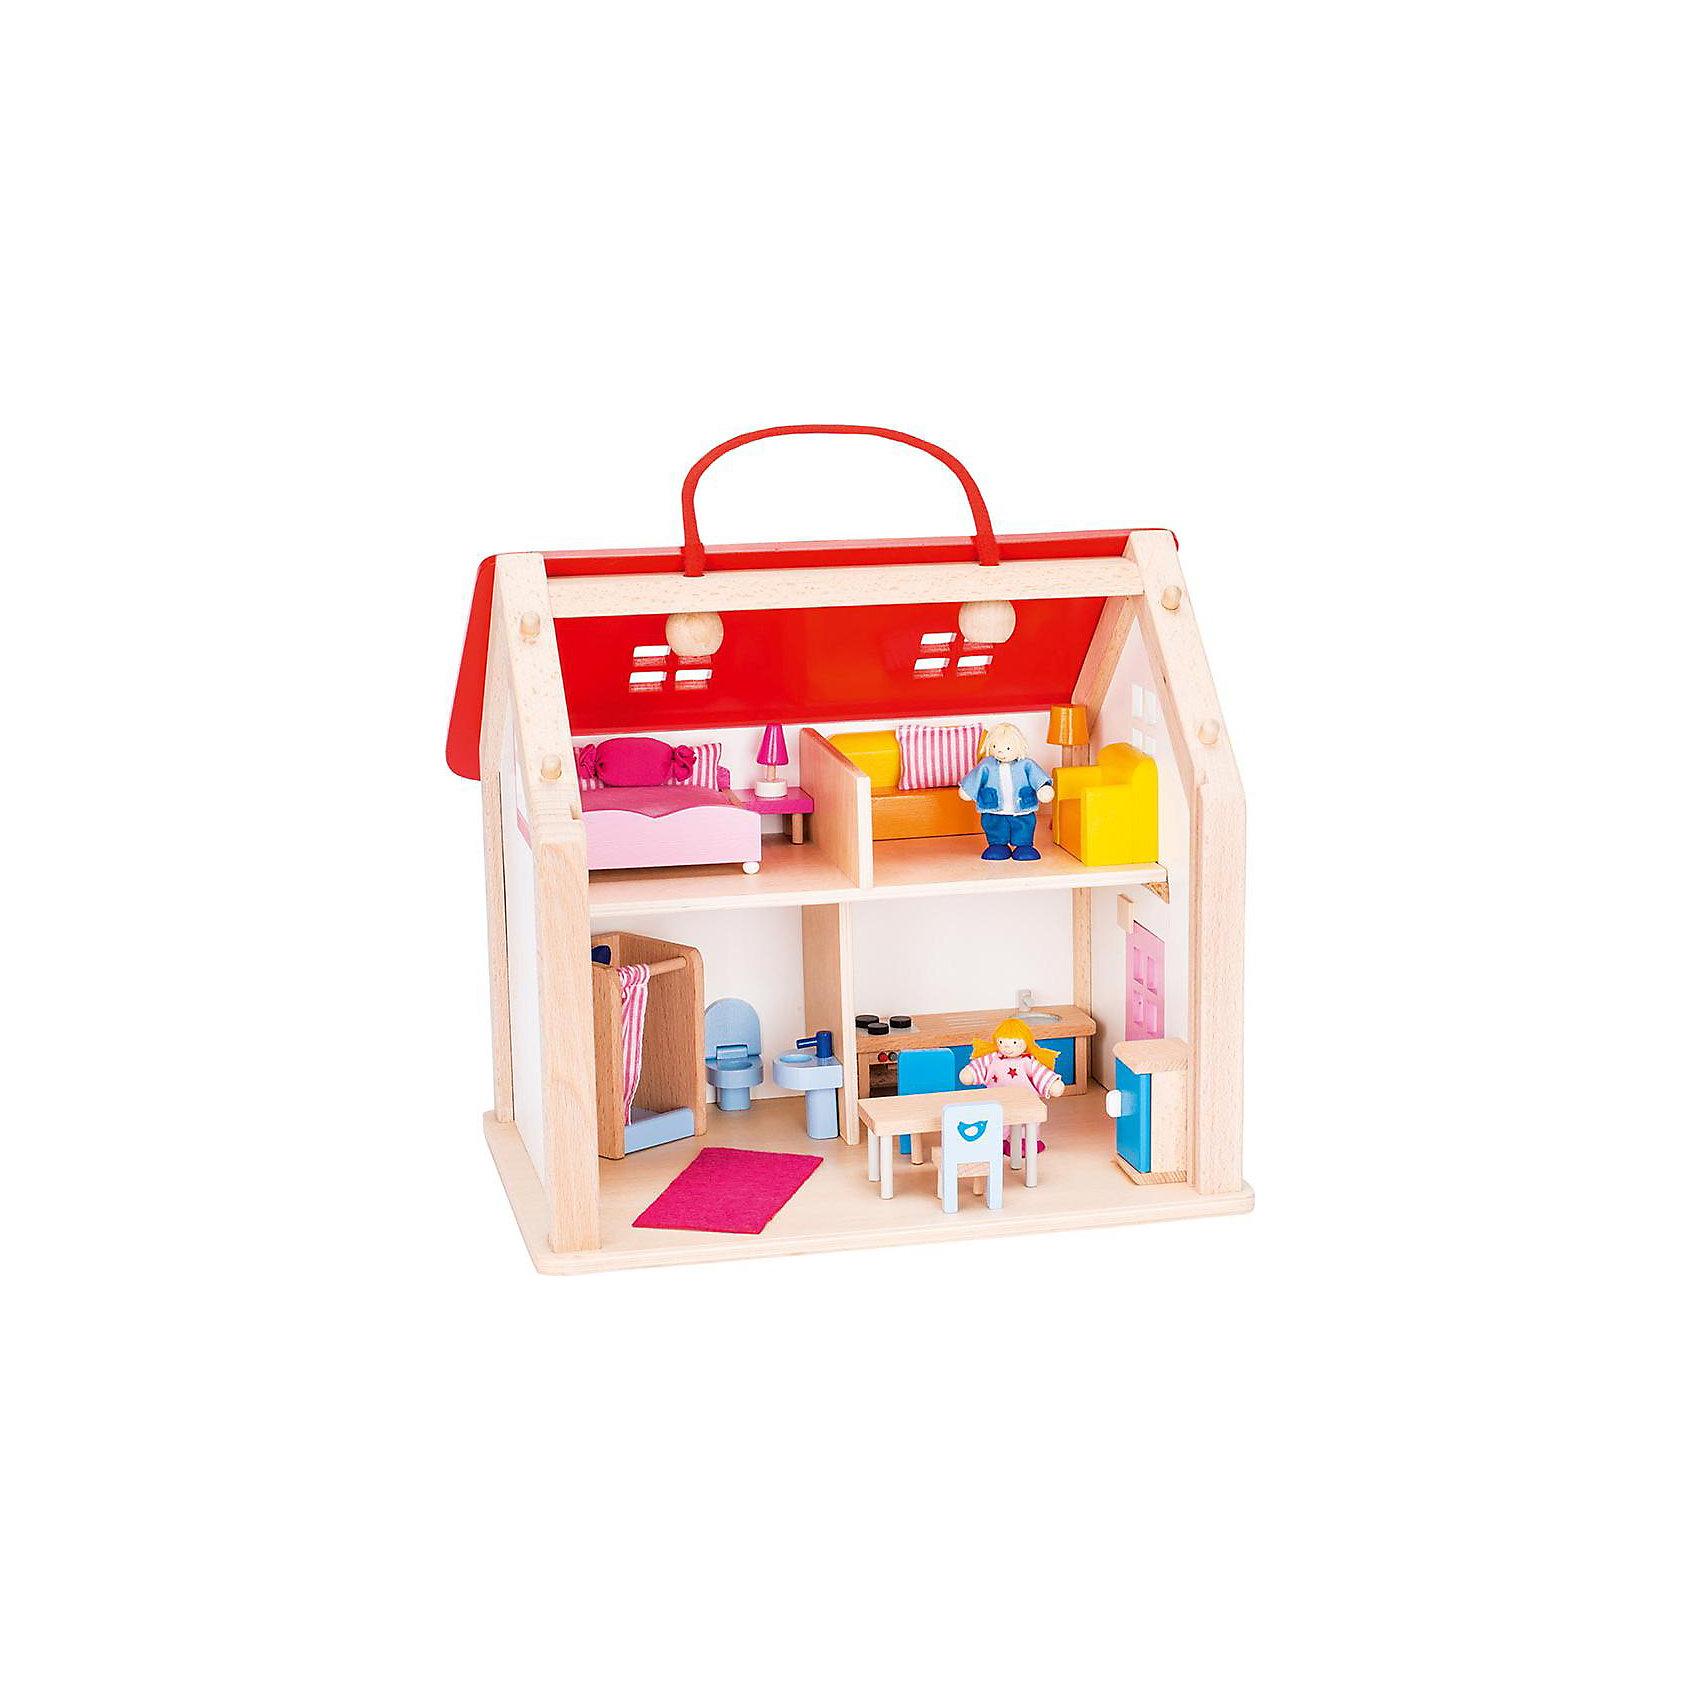 goki Кукольный дом  (с ручкой) , 24 предм., goki goki мебель для кукольной гостиной 28 предметов